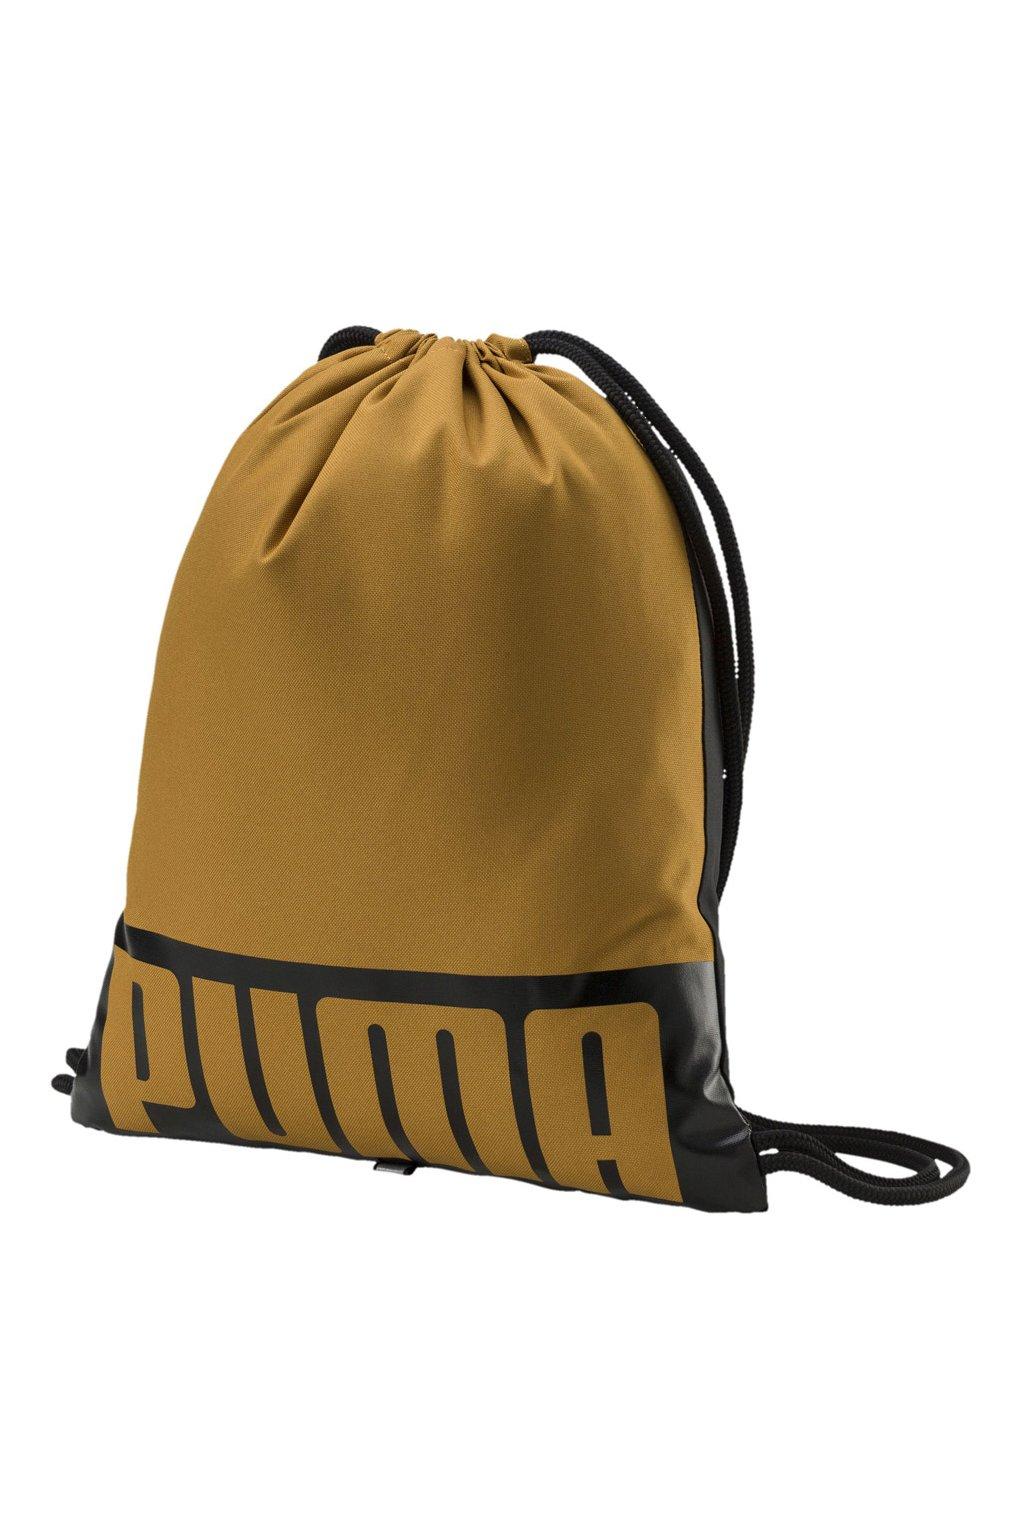 Vak Puma Deck Gym Sack hnedý 074961 12